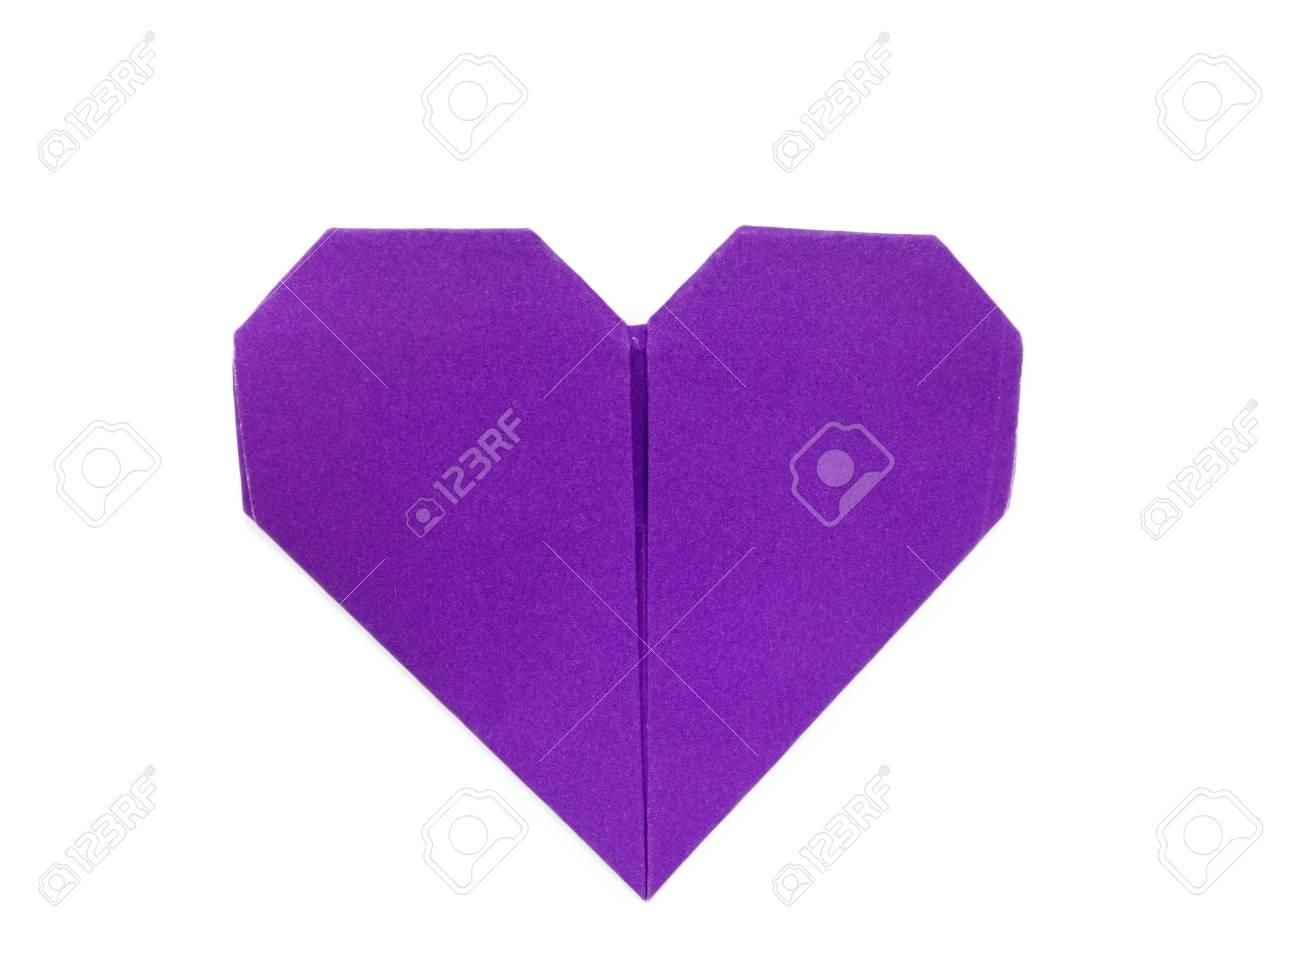 Lila Herz Aus Papier Origami Auf Weißem Hintergrund Lizenzfreie